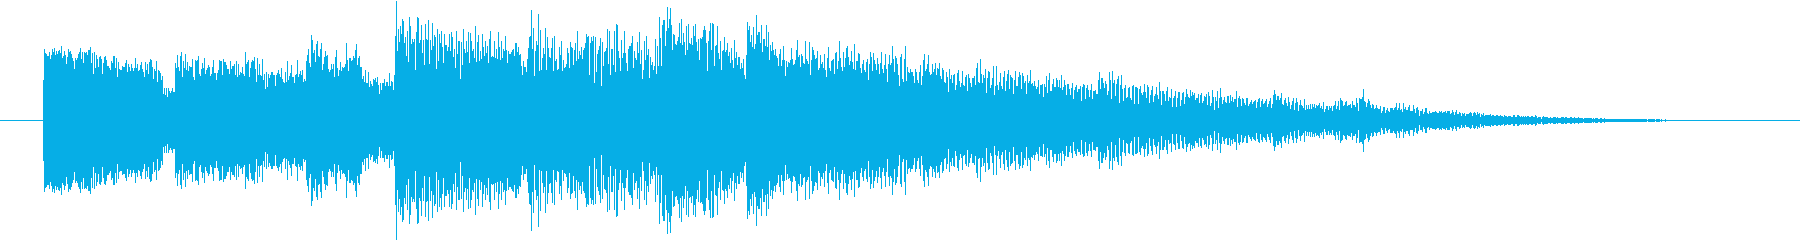 短めのシンプルなジングルの再生済みの波形